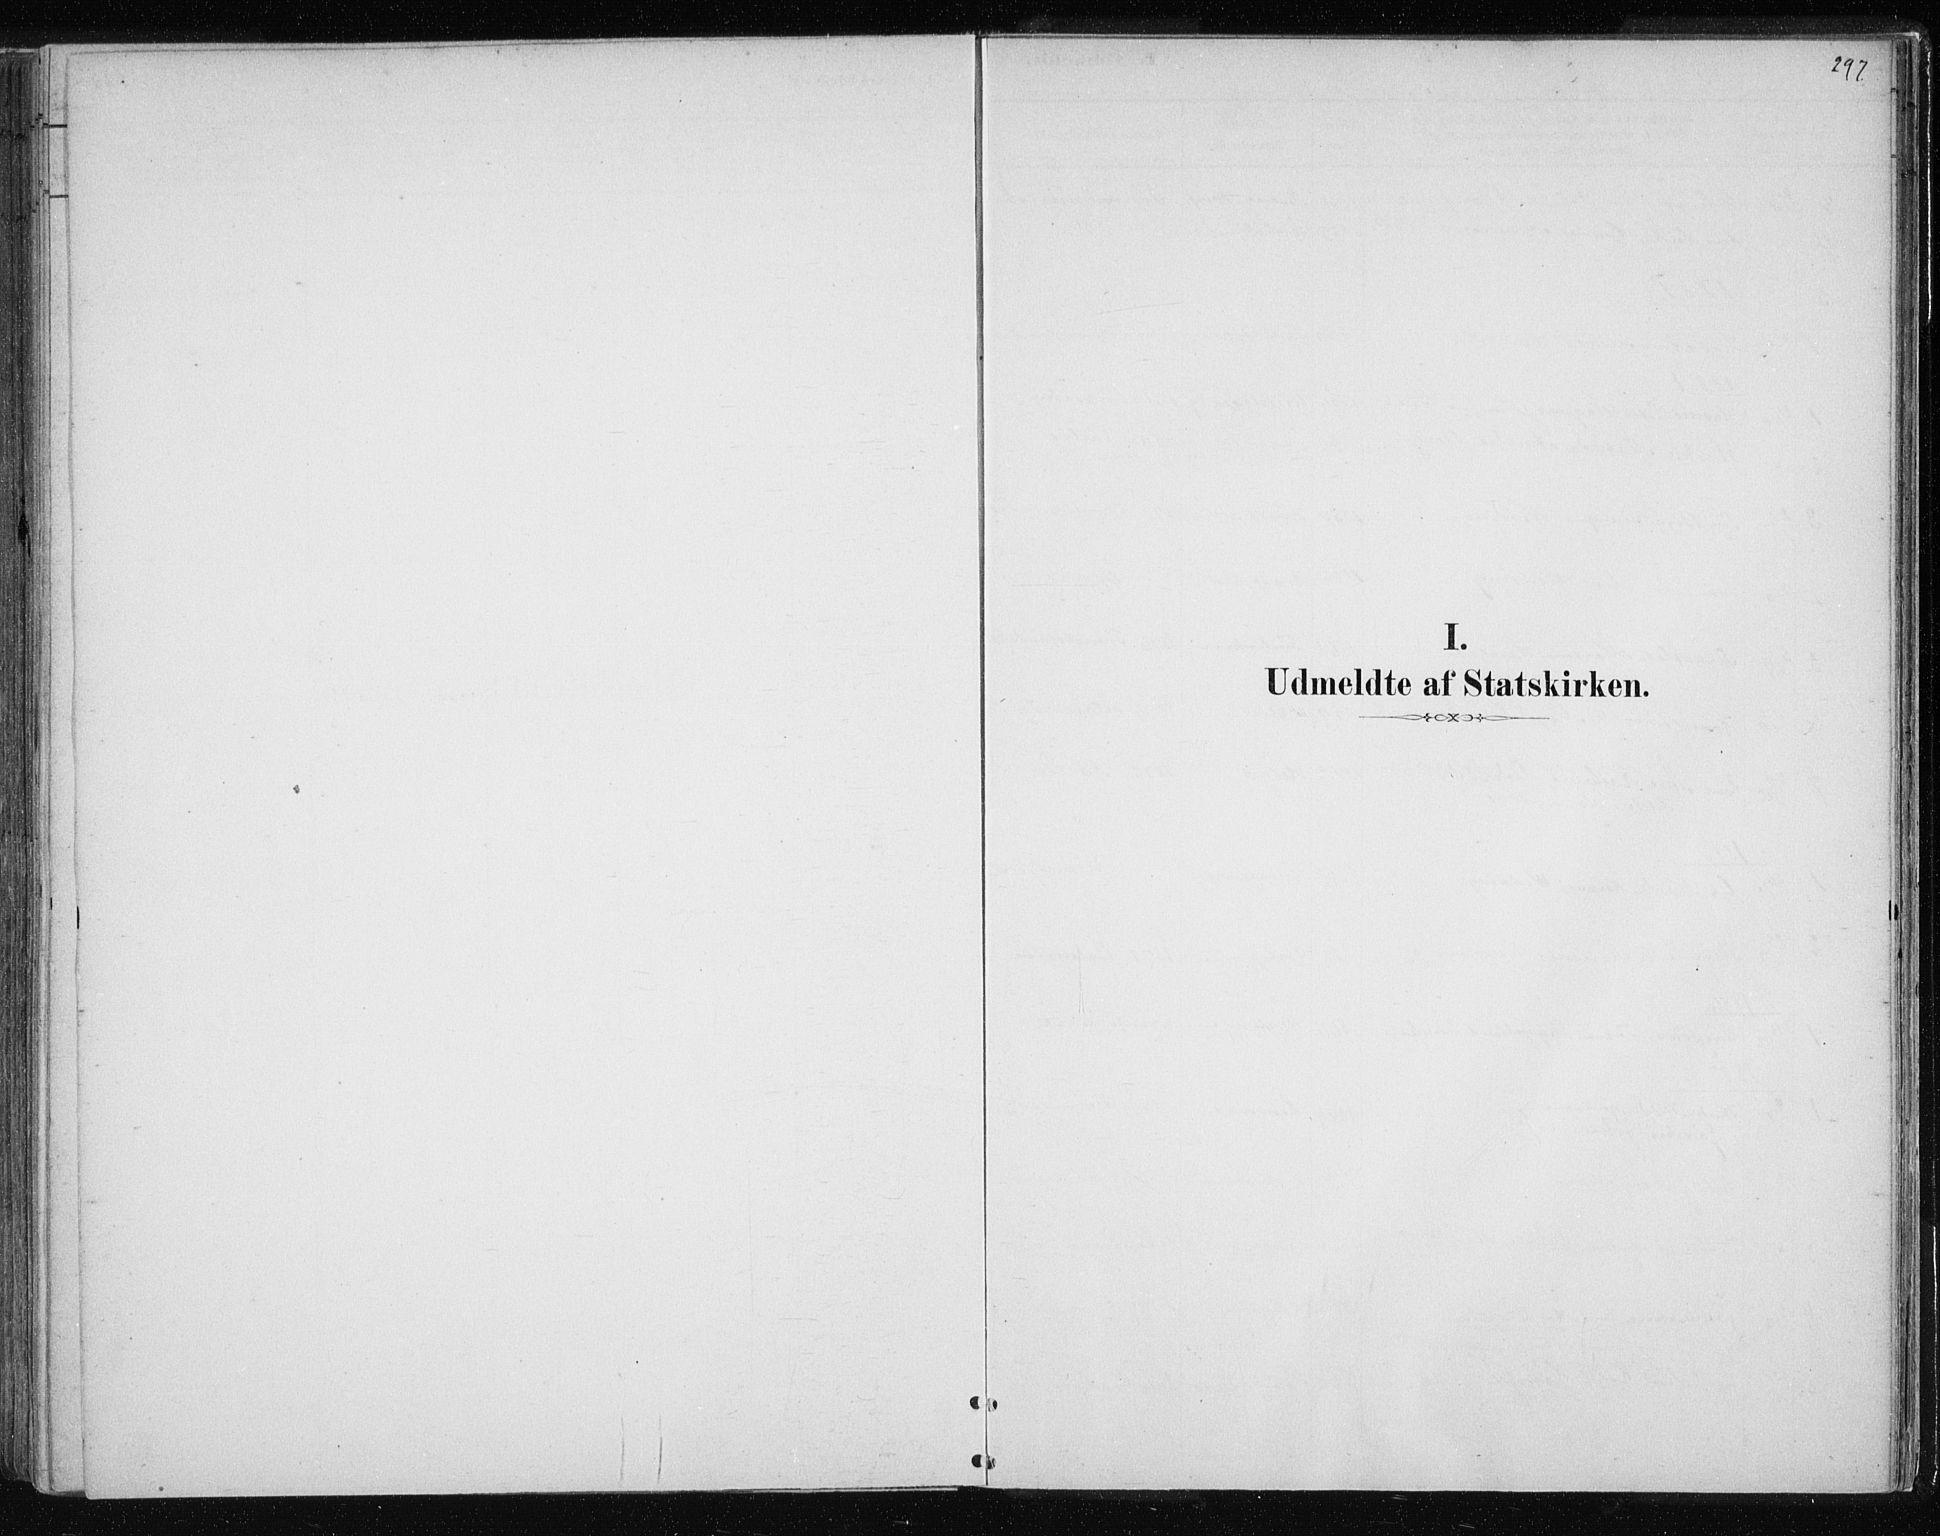 SATØ, Tromsøysund sokneprestkontor, G/Ga/L0004kirke: Ministerialbok nr. 4, 1880-1888, s. 297